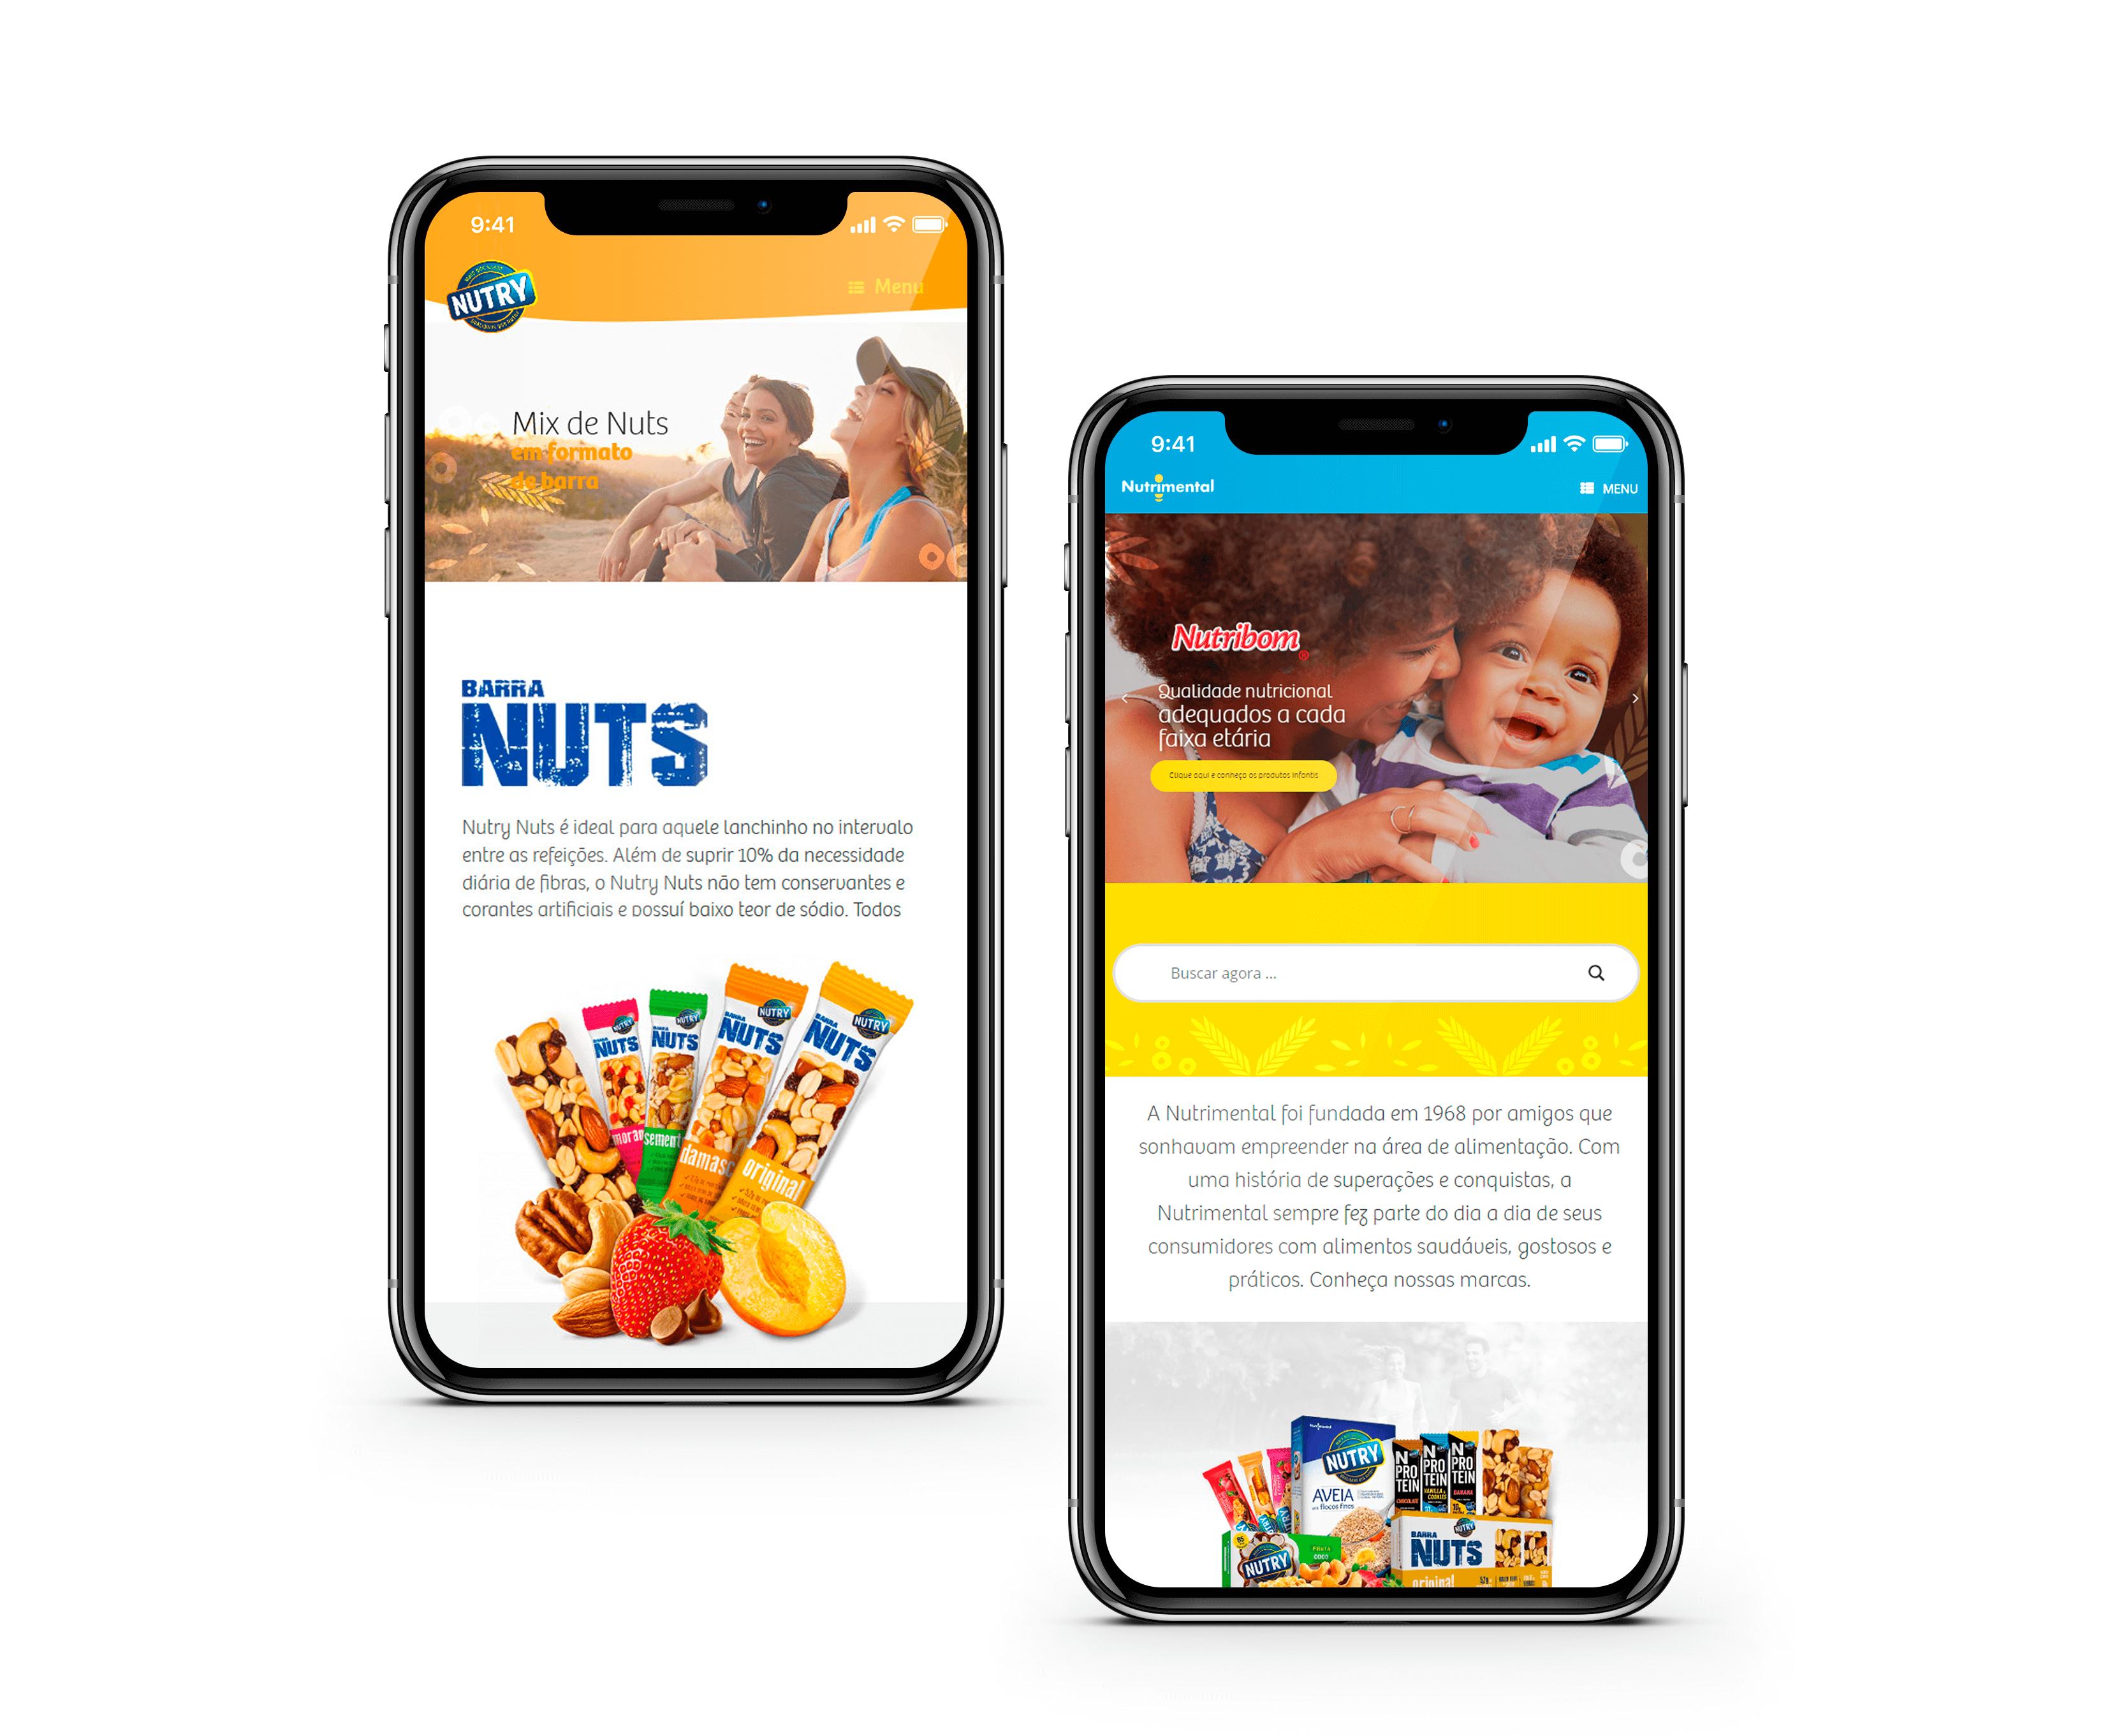 NOVO SITE NUTRIMENTAL - RESPONSIVIDADE E MULTIPLATAFORMA- PONTODESIGN AGENCIA DE DIGITAL, DESIGN E COMUNICAÇÃO